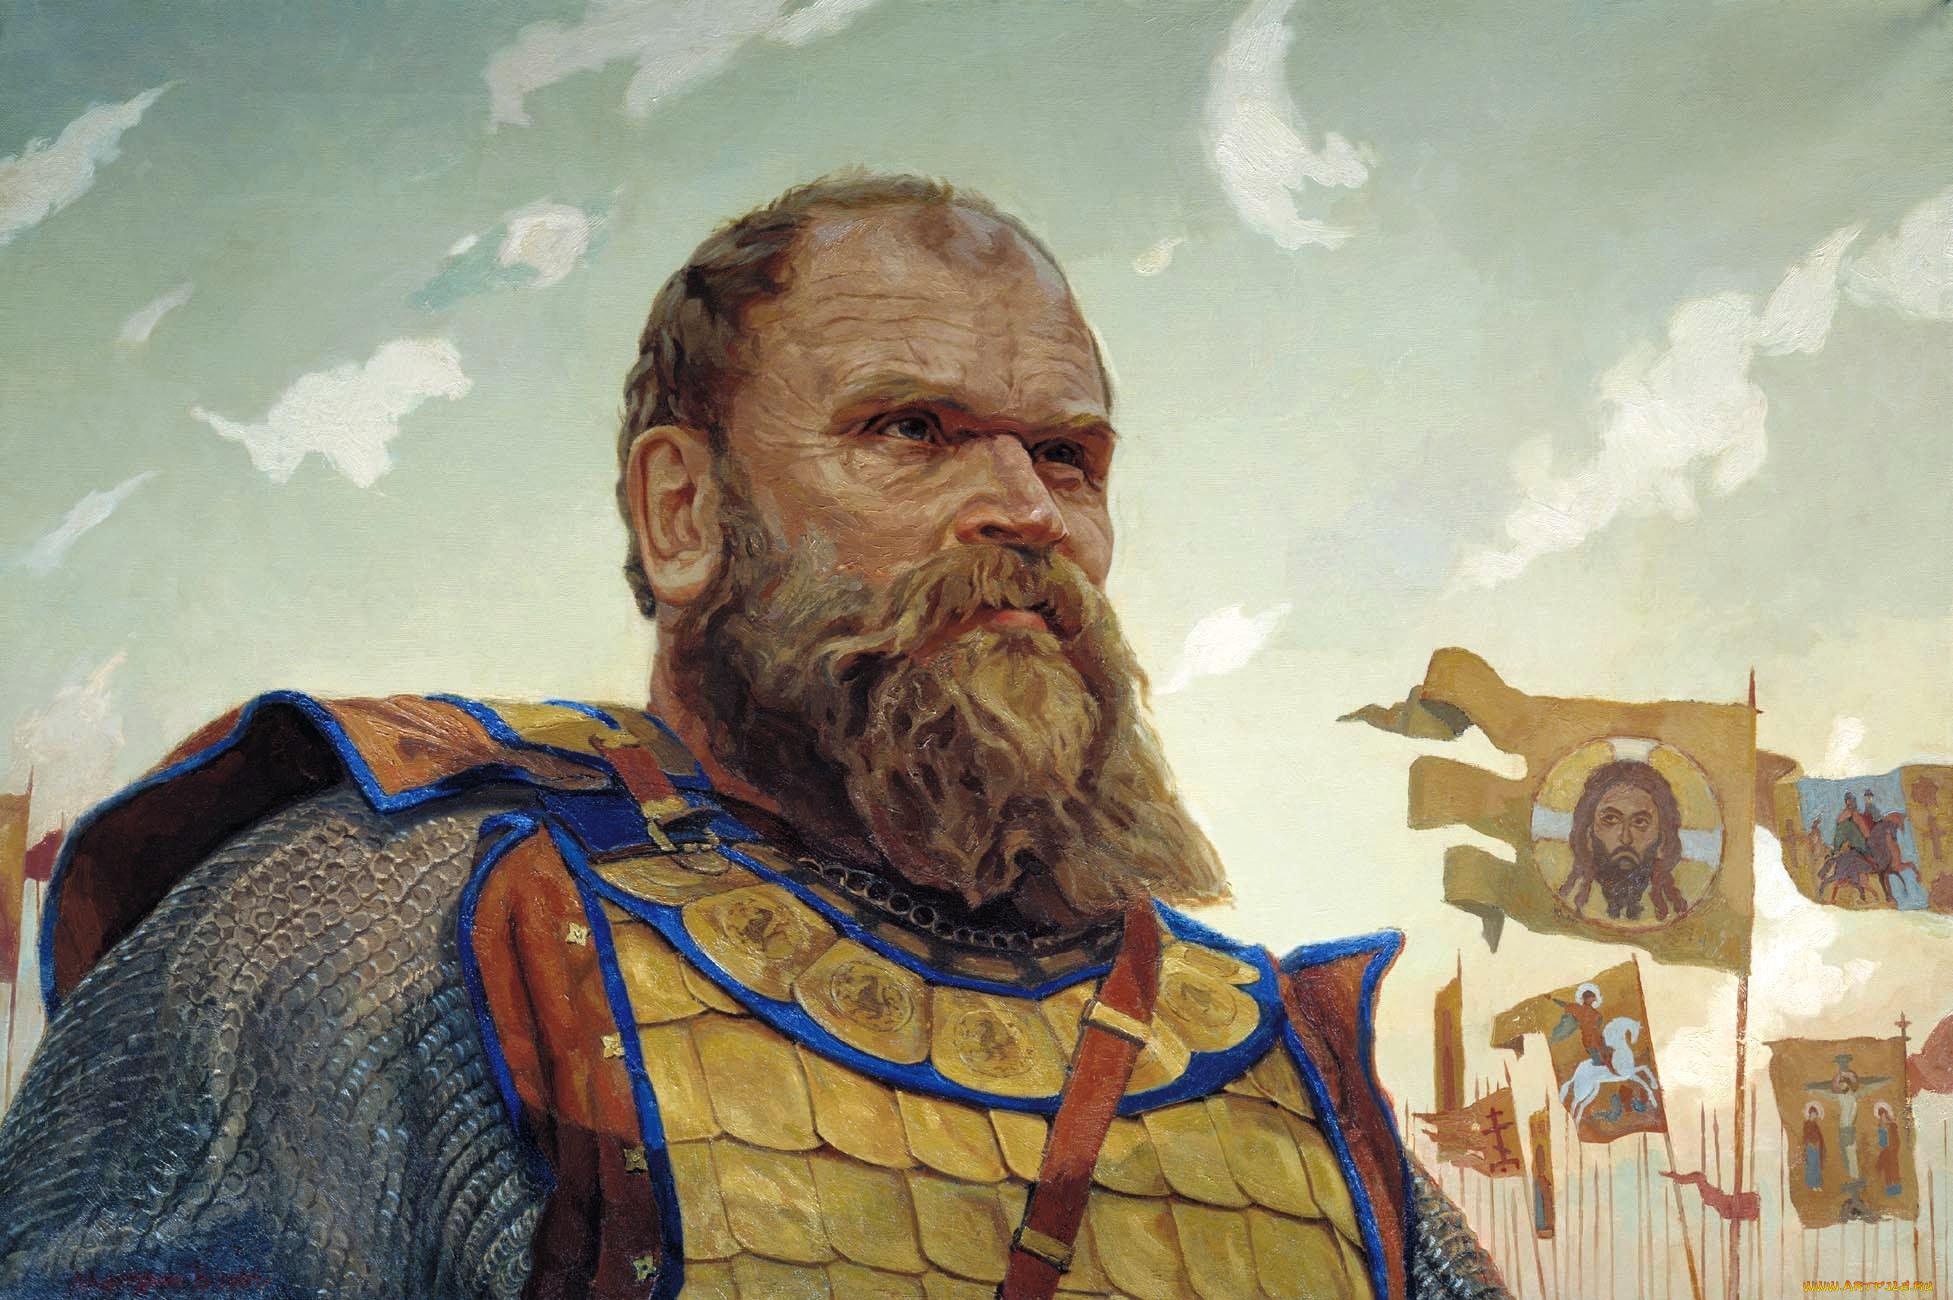 герой куликовской битвы боброк волынский, рисованное, виктор маторин, взгляд, воин, борода, войско, кольчуга, флаги, знамена